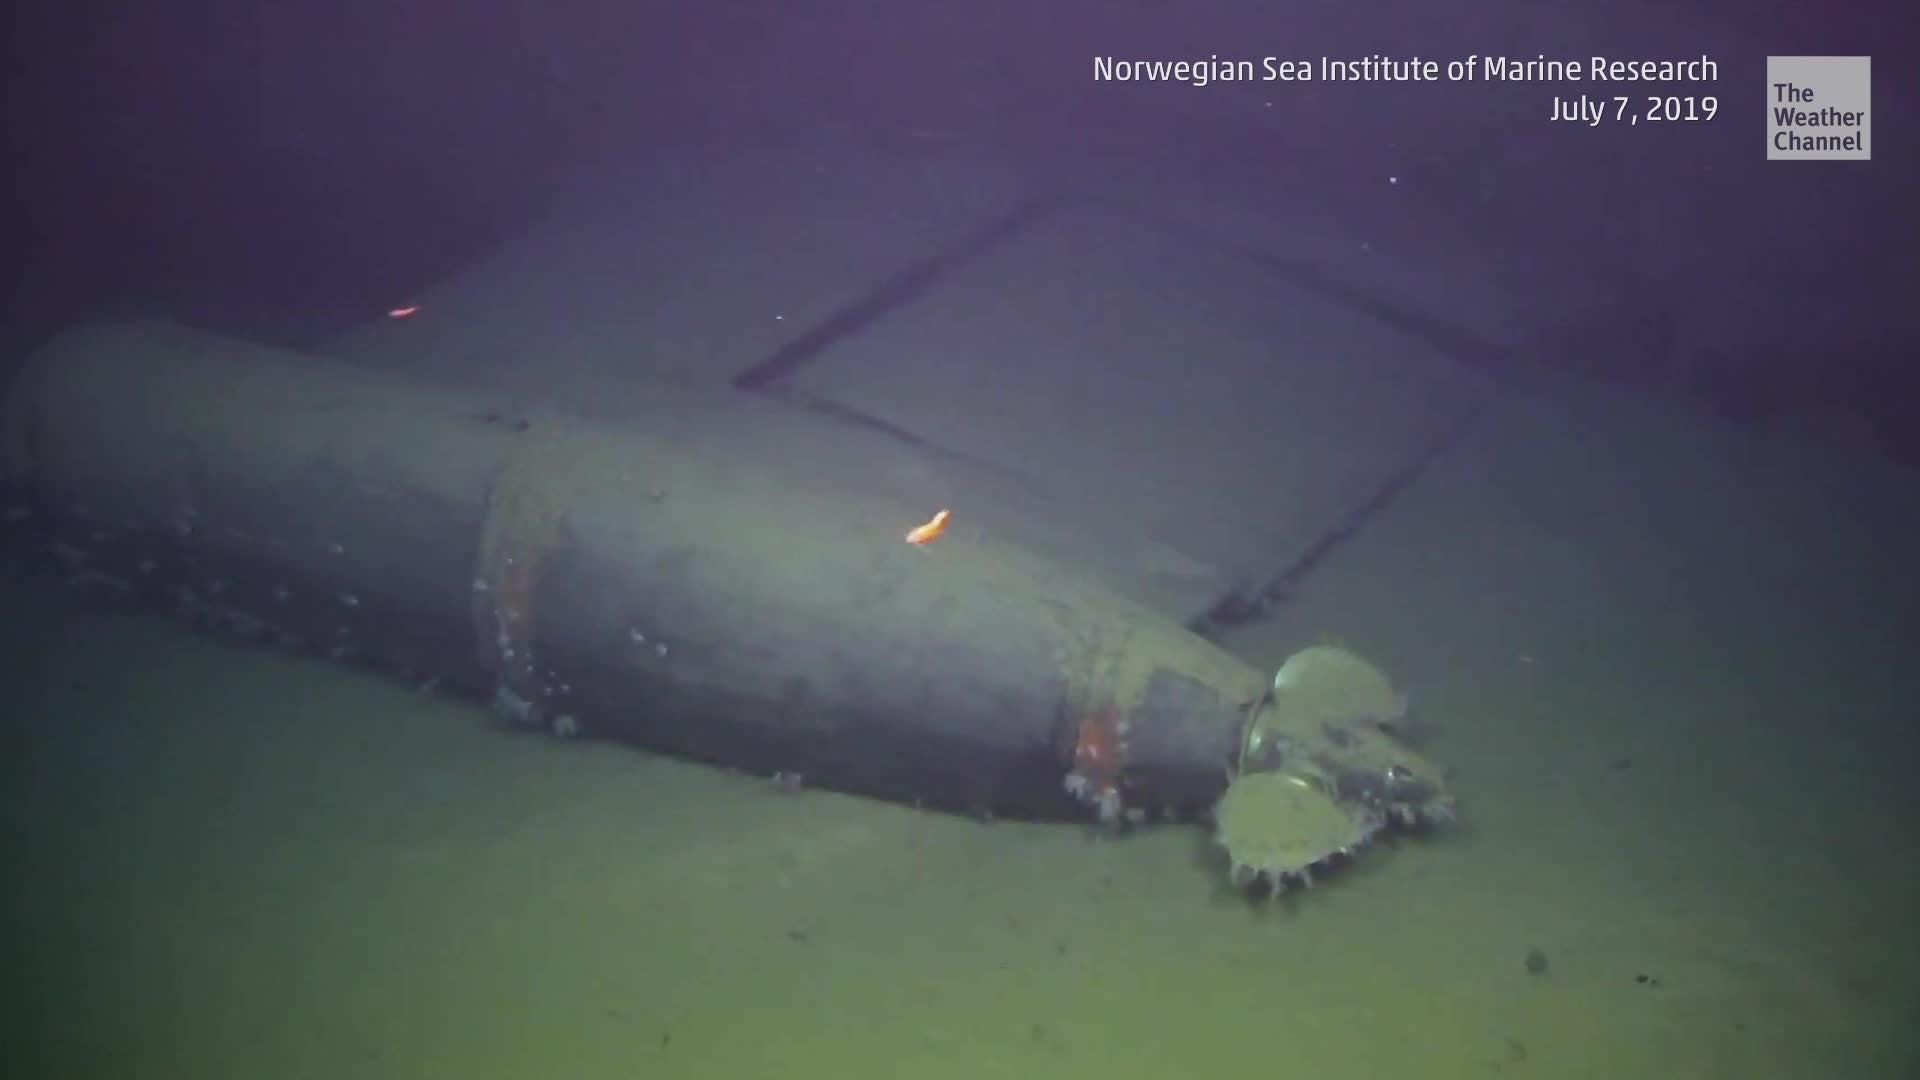 Una cantidad inusualmente alta de radiación se ha estado escapando de un submarino soviético hundido, de acuerdo con el Institute of Marine Research.